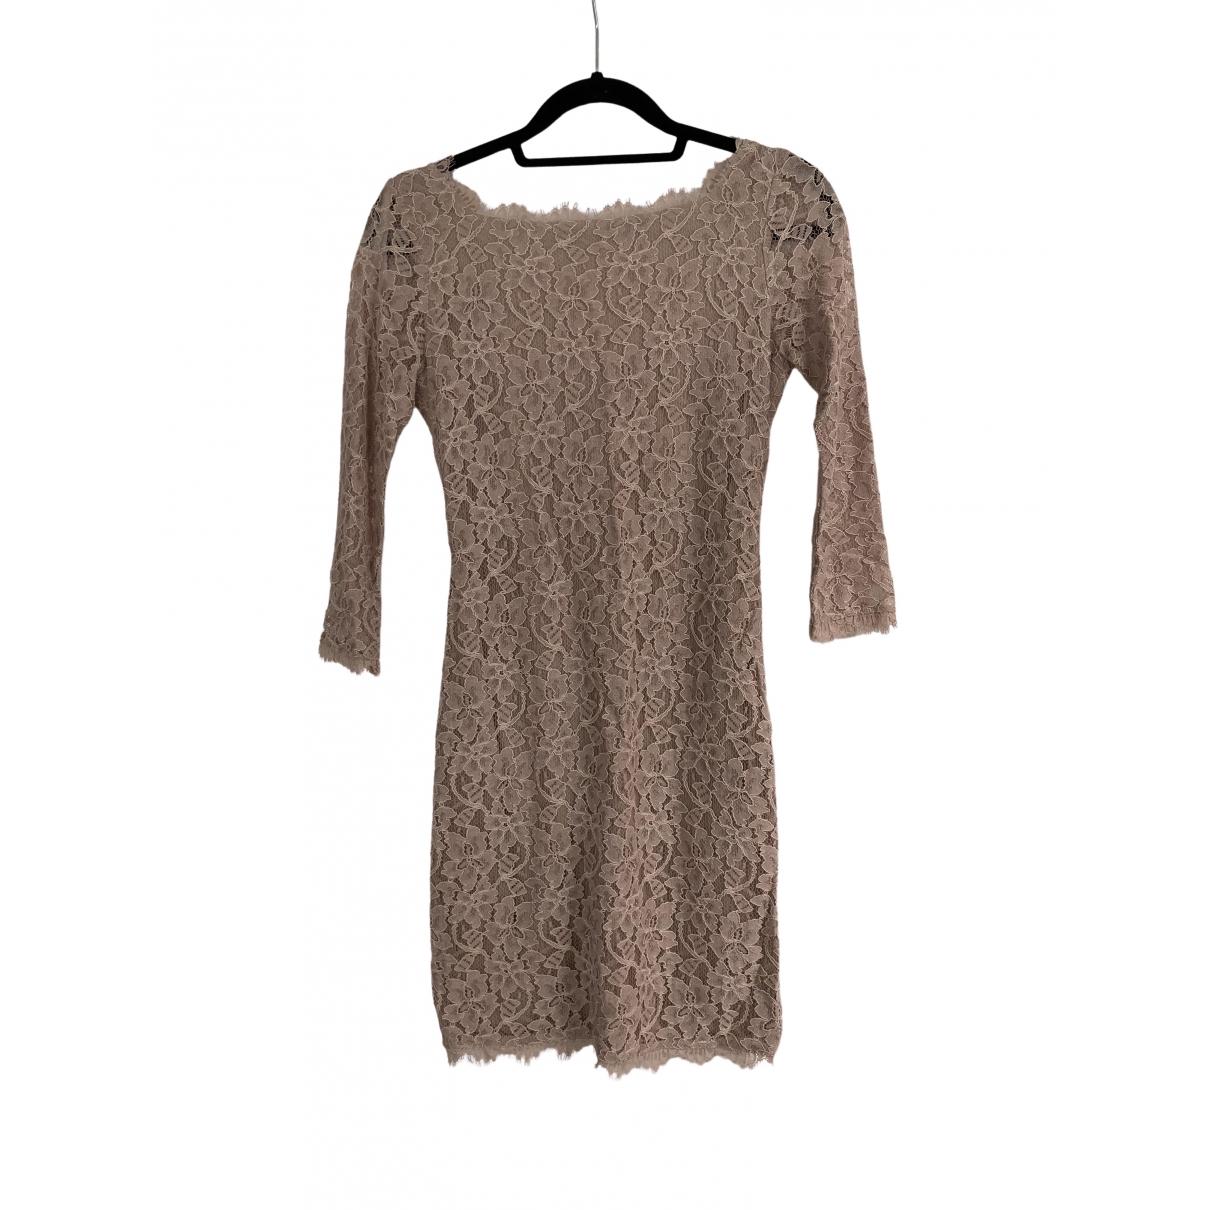 Diane Von Furstenberg \N Beige dress for Women 0 0-5